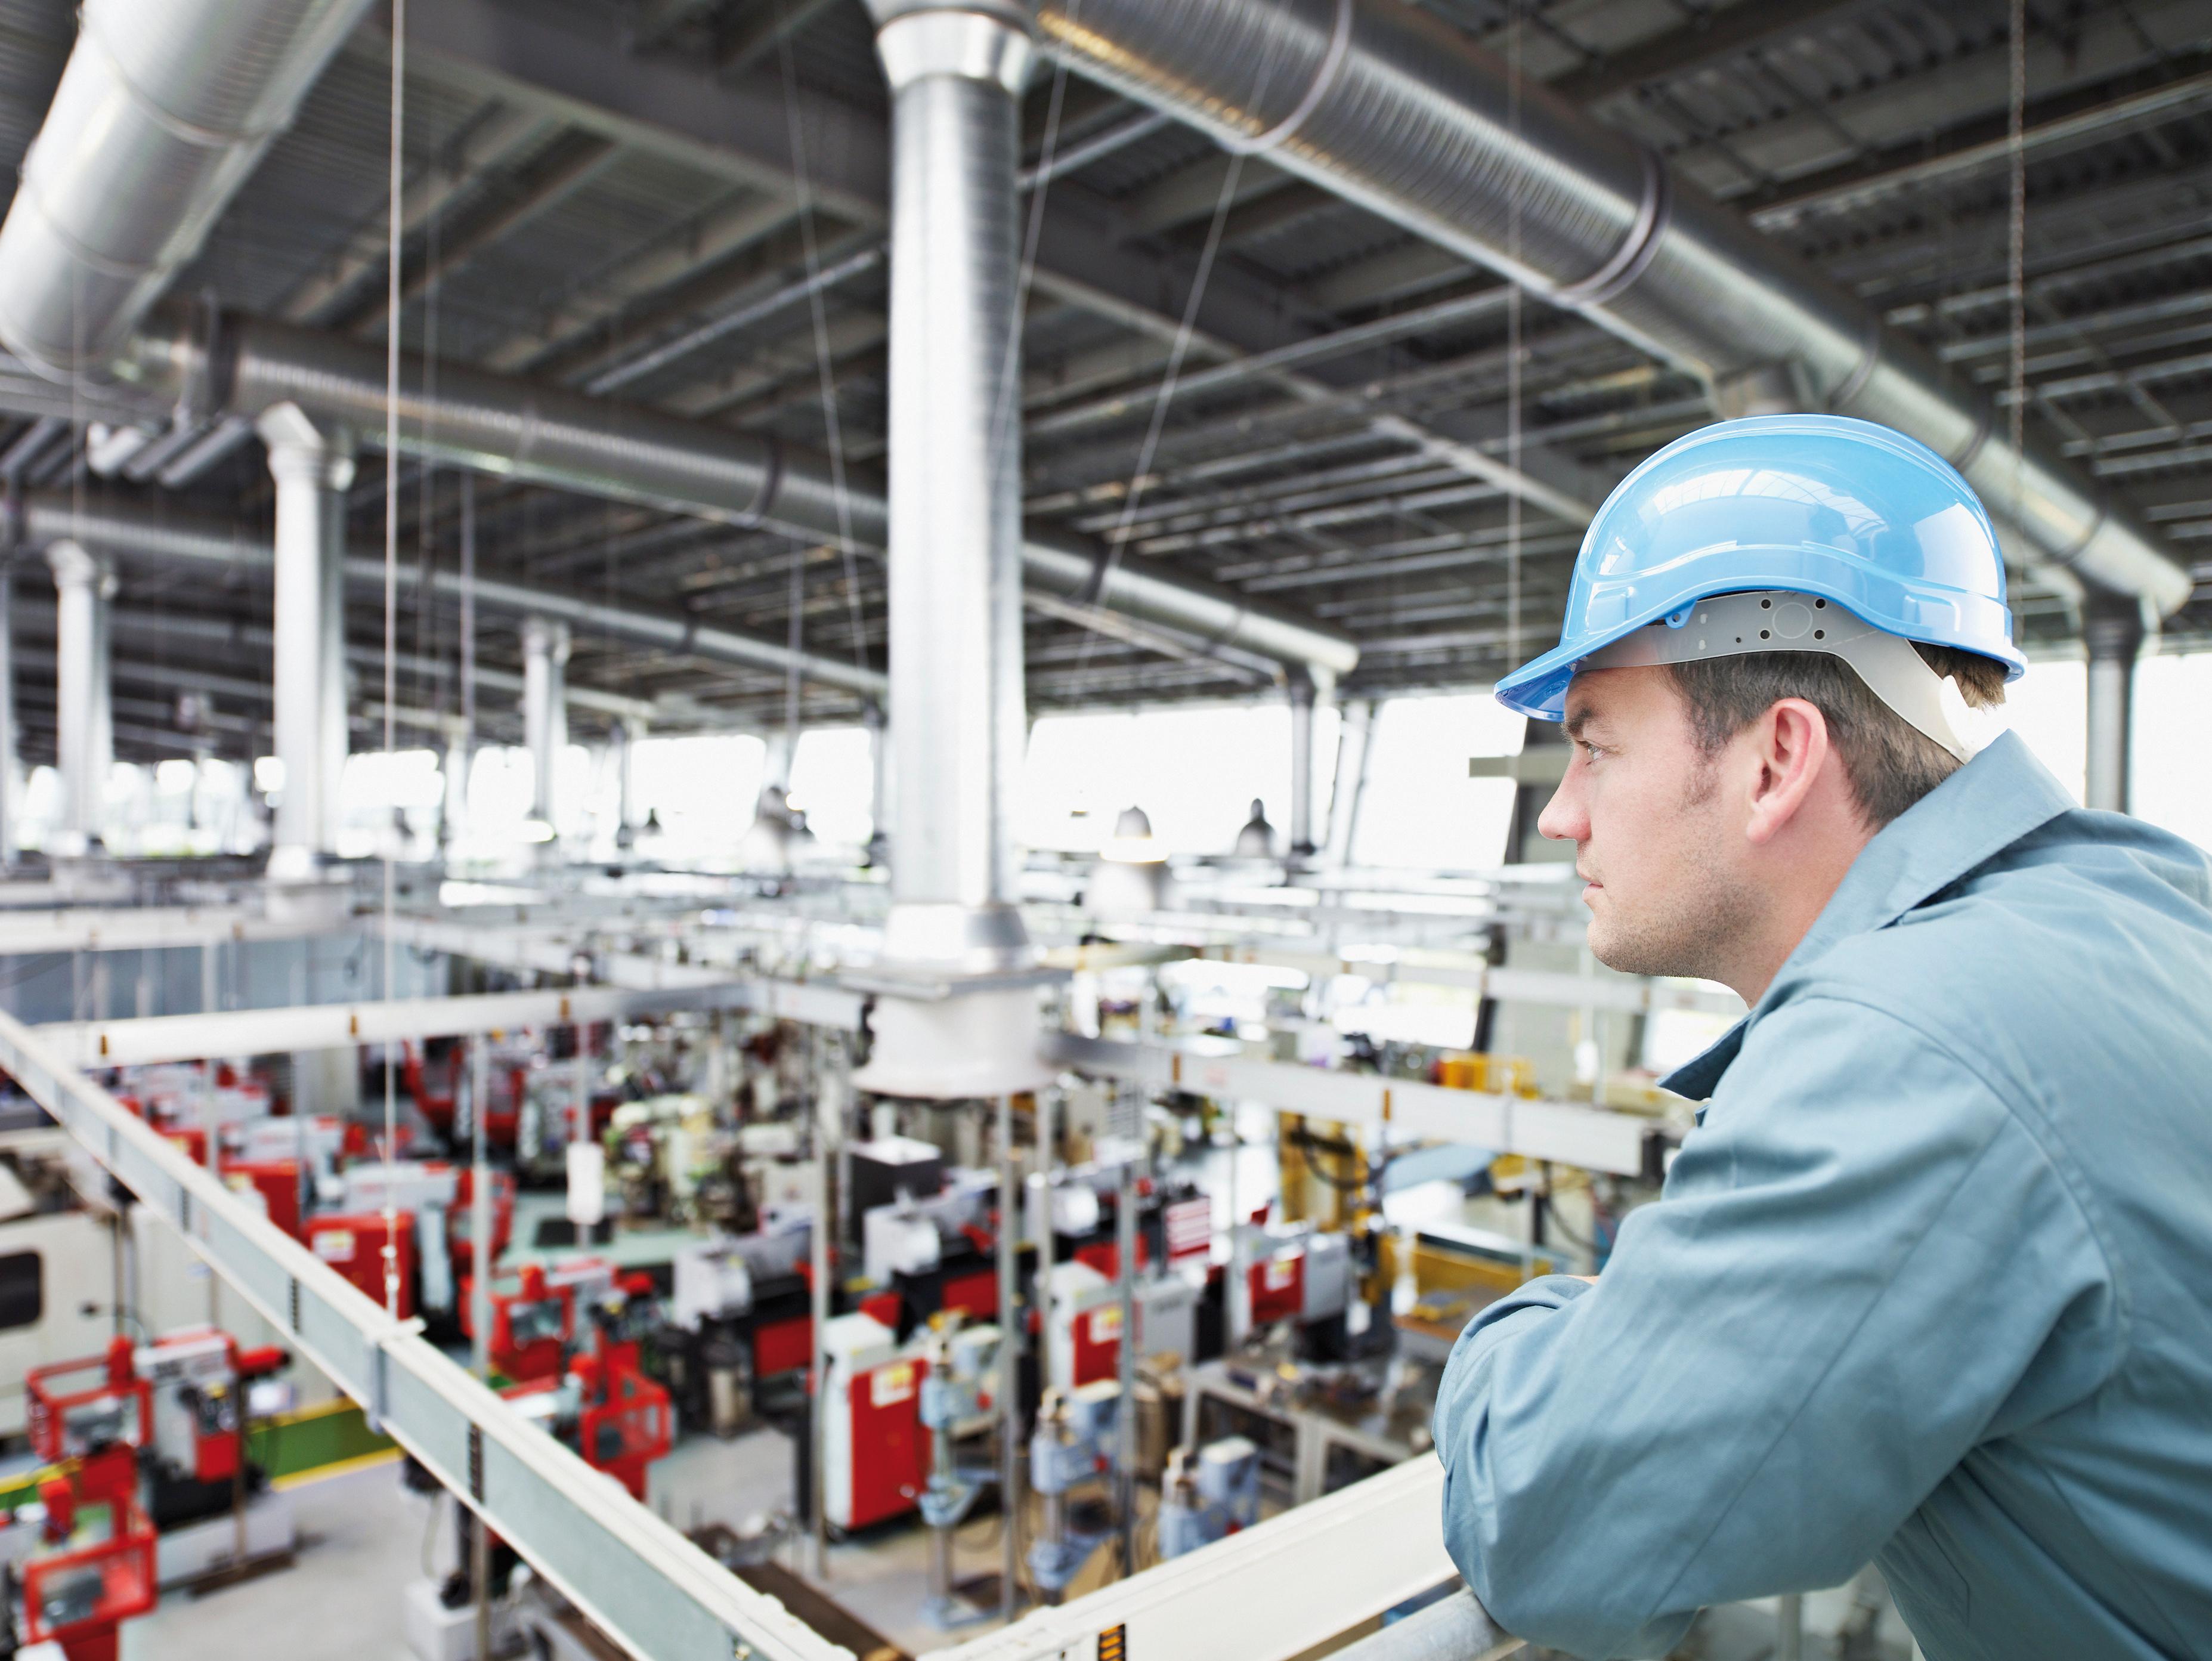 Radnik s kacigom u radnom odijelu u tvorničkom pogonu